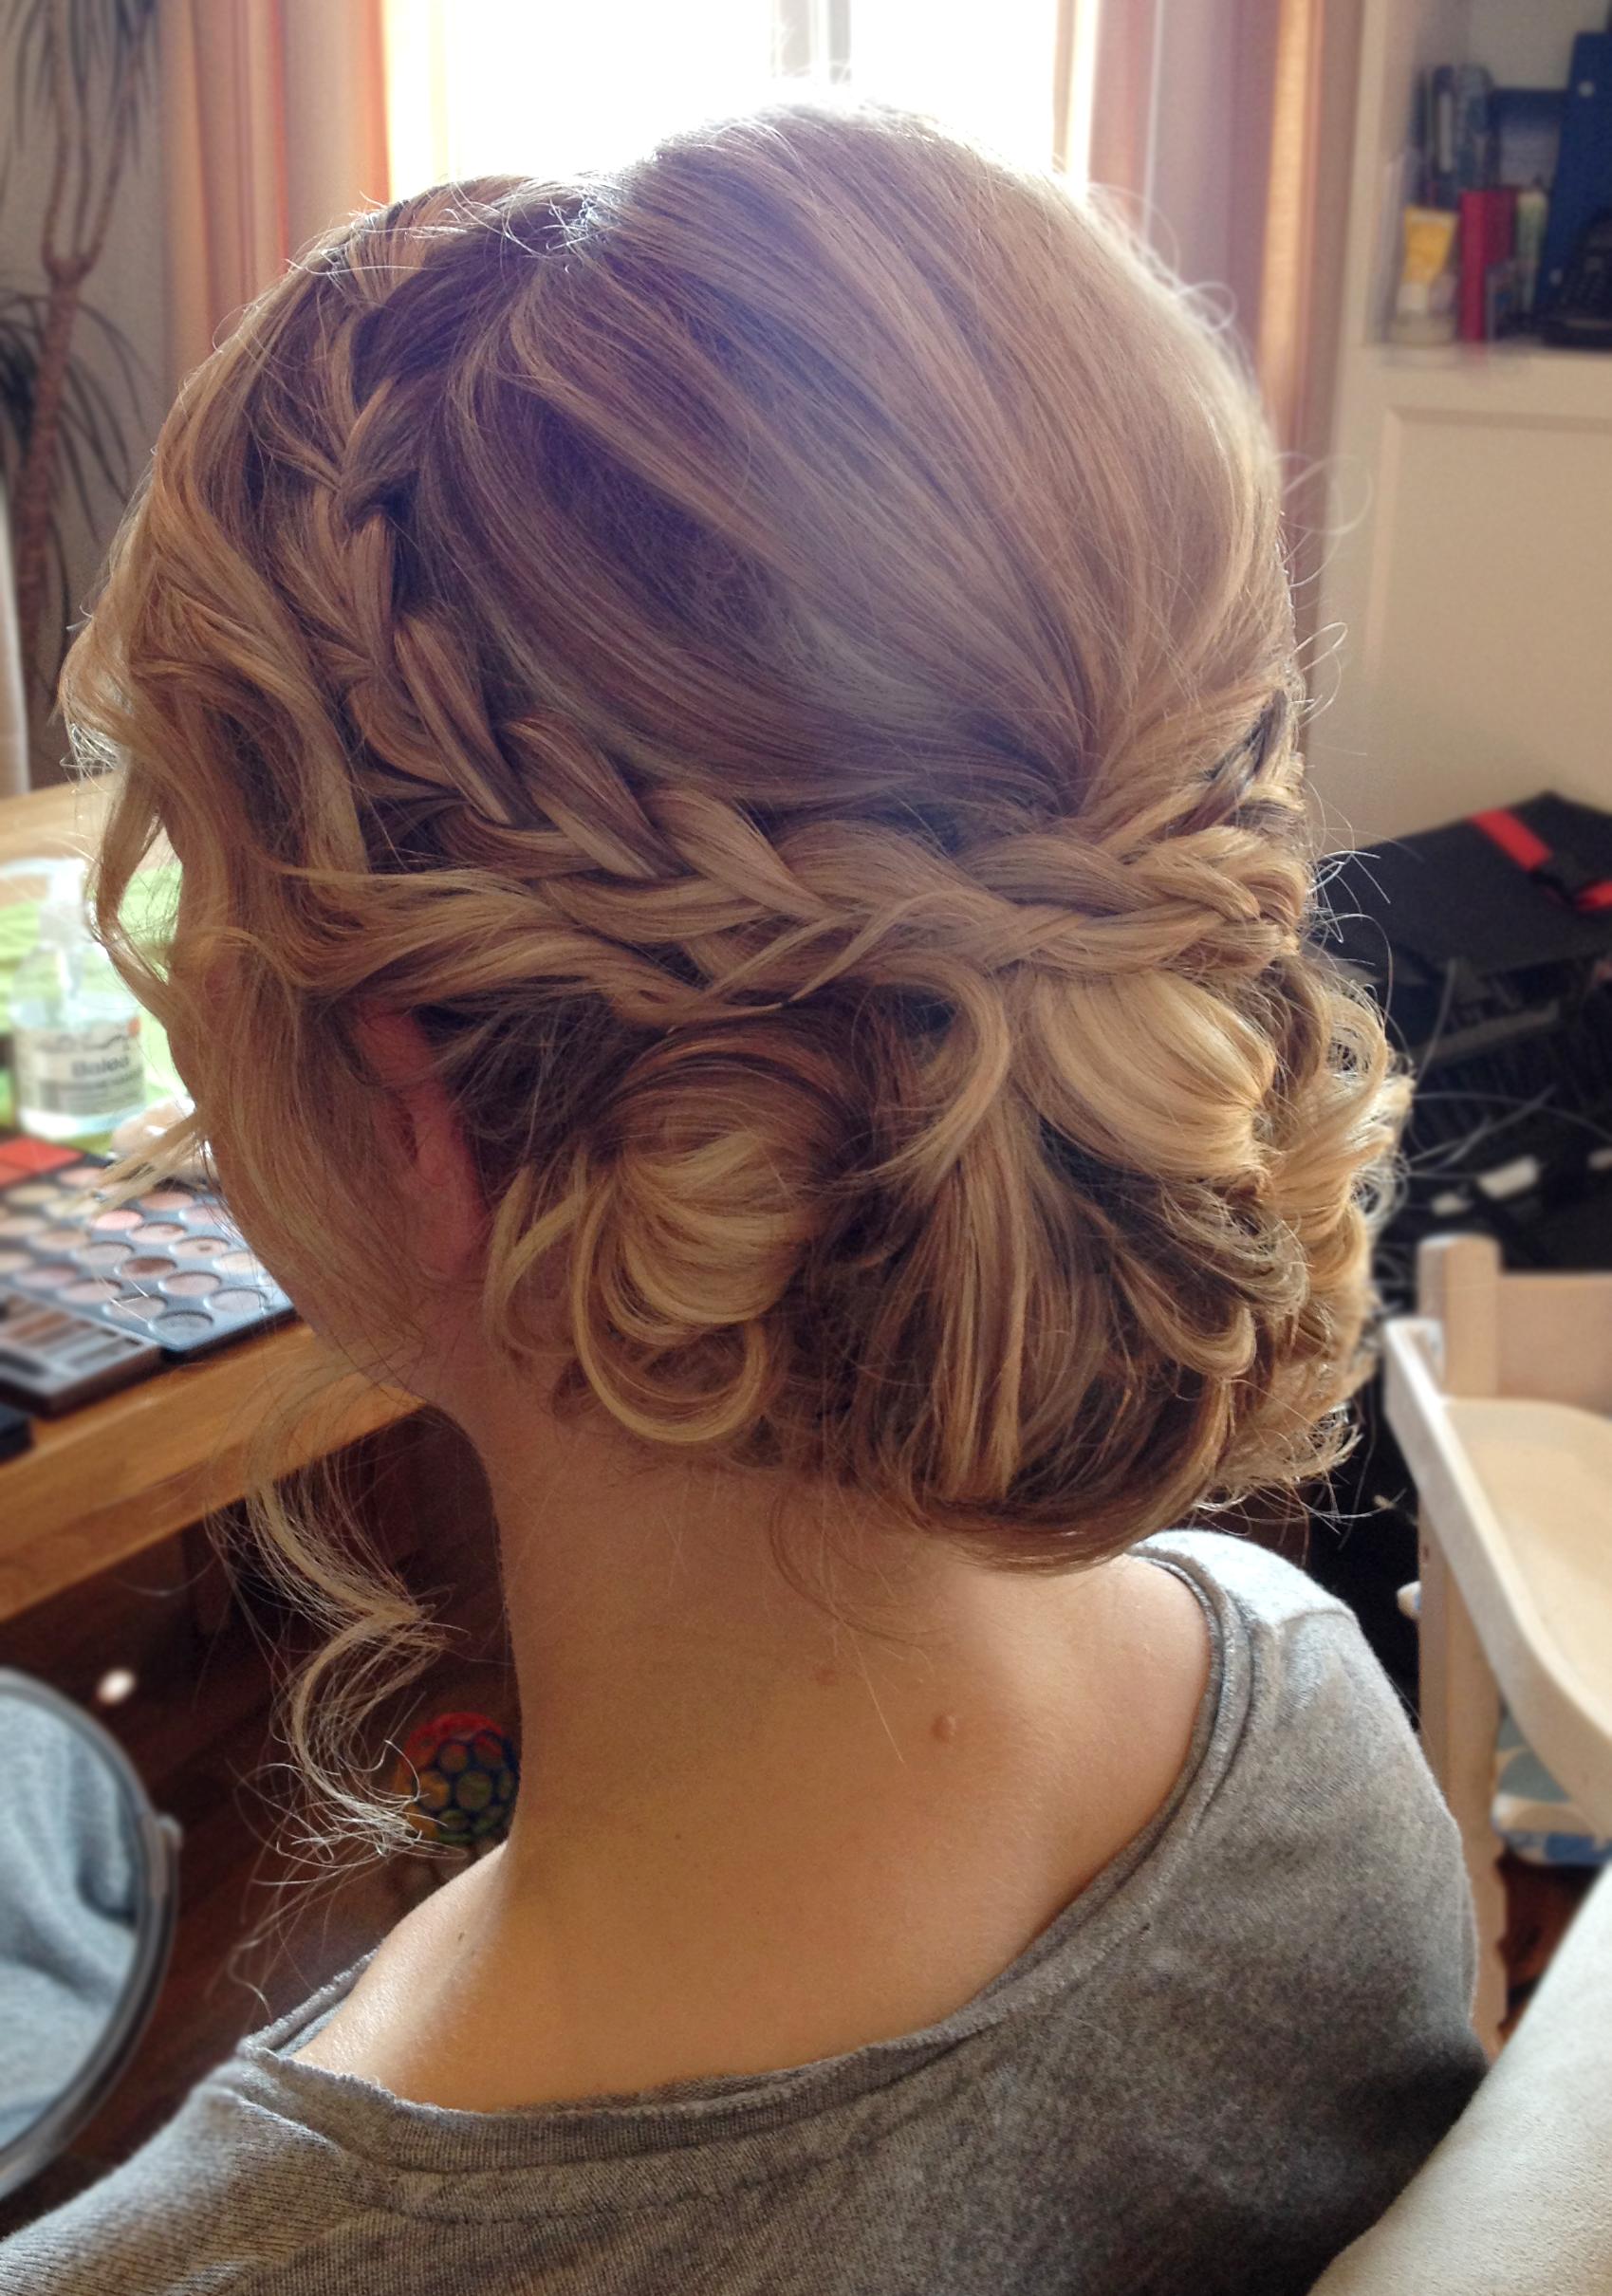 Bridal Hair By Michelle Weyand Www Michelle Weyand De Frisur Hochgesteckt Frisur Hochzeit Geflochtene Frisuren